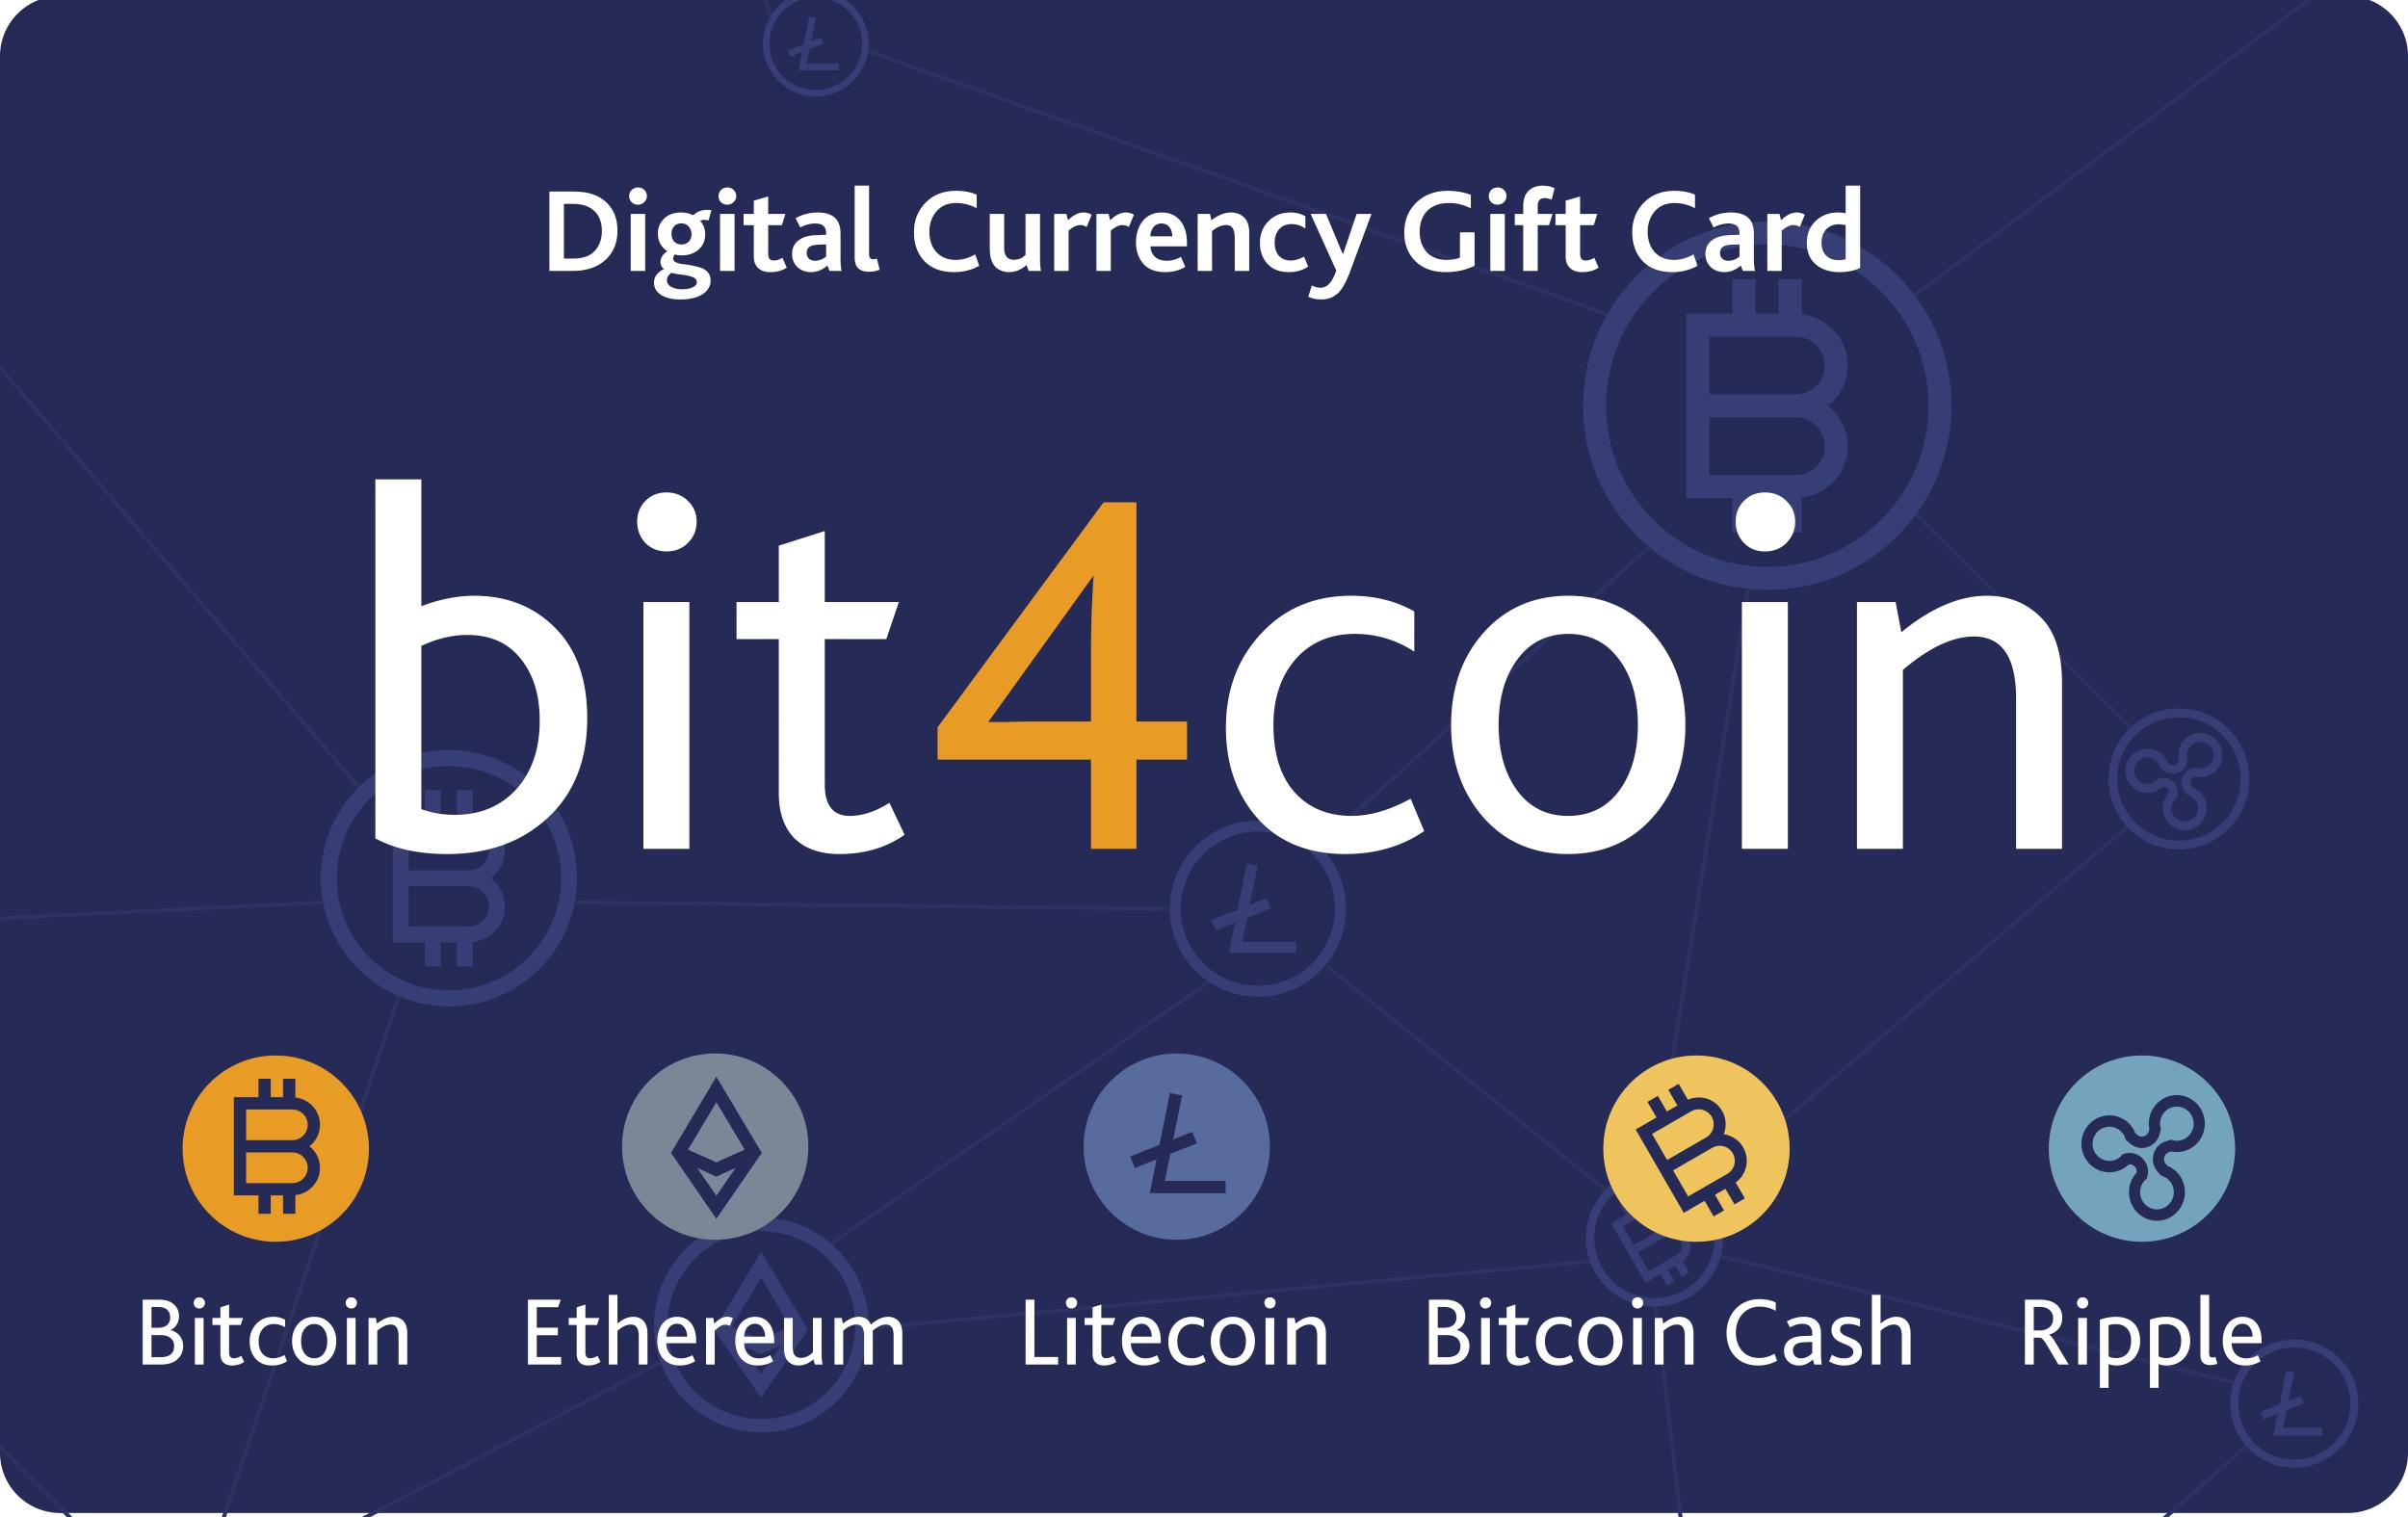 bit4coin gift card £10